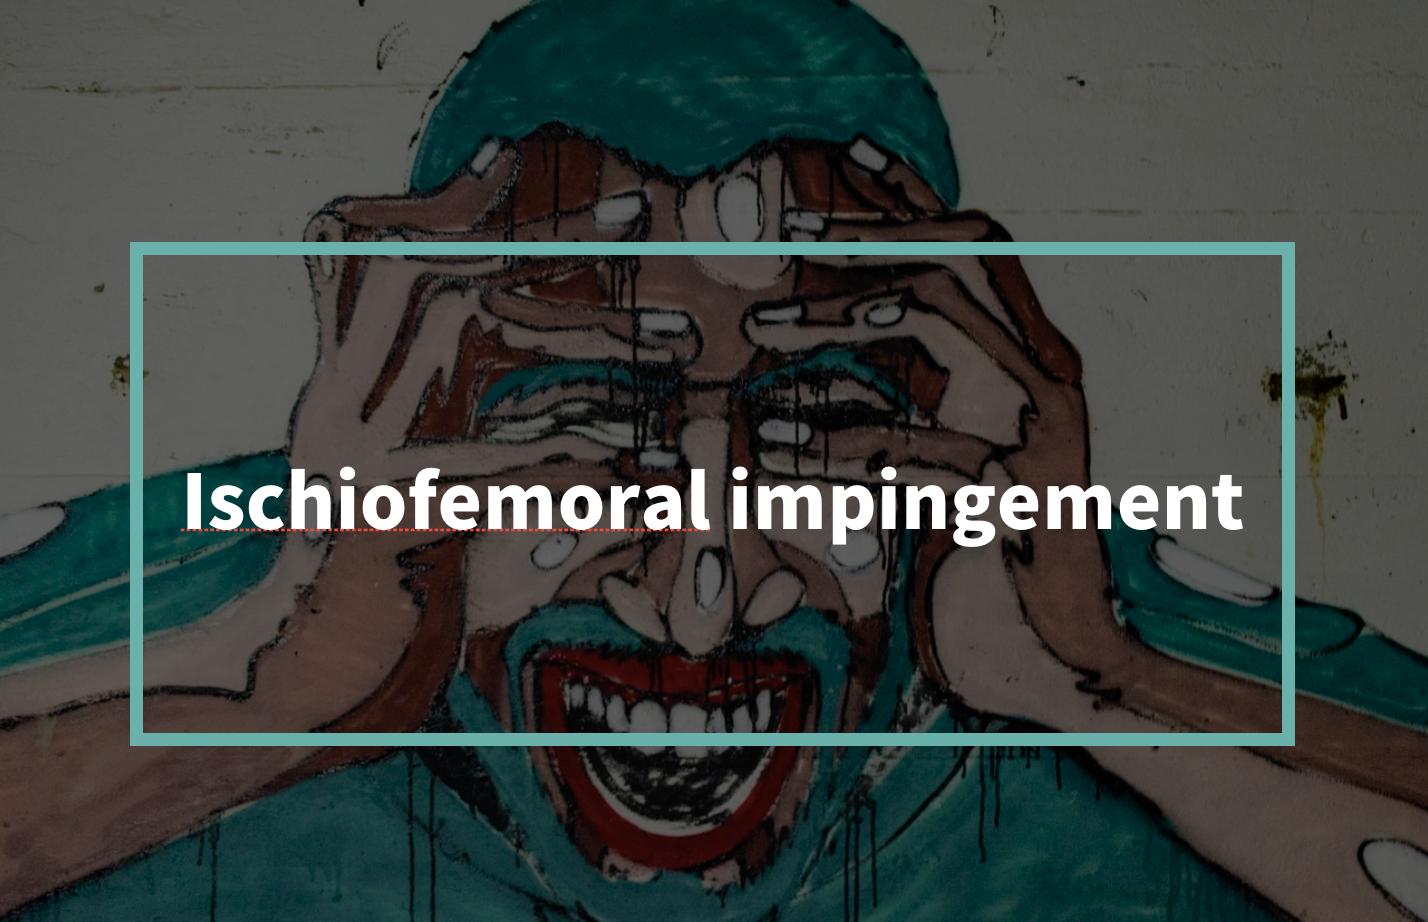 Ischiofemoral impingement